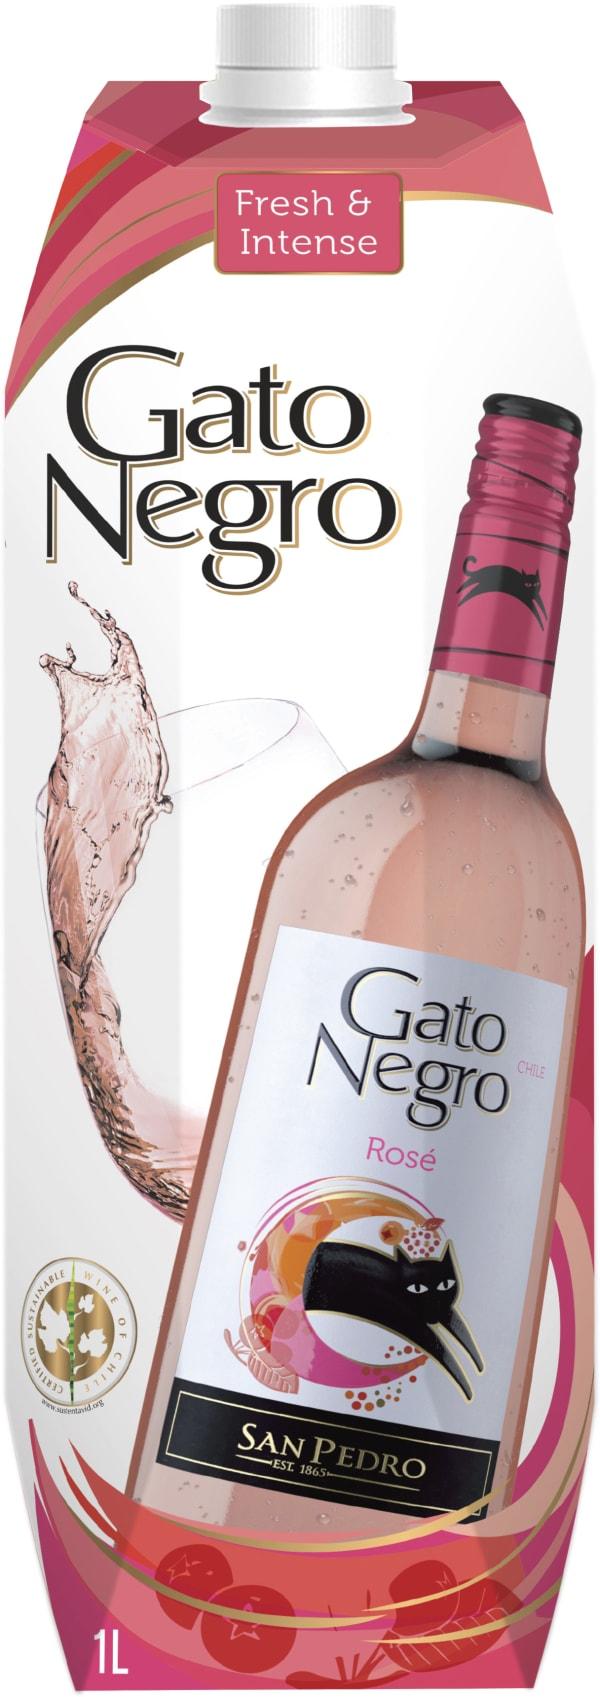 Gato Negro Rosé 2019 kartongförpackning